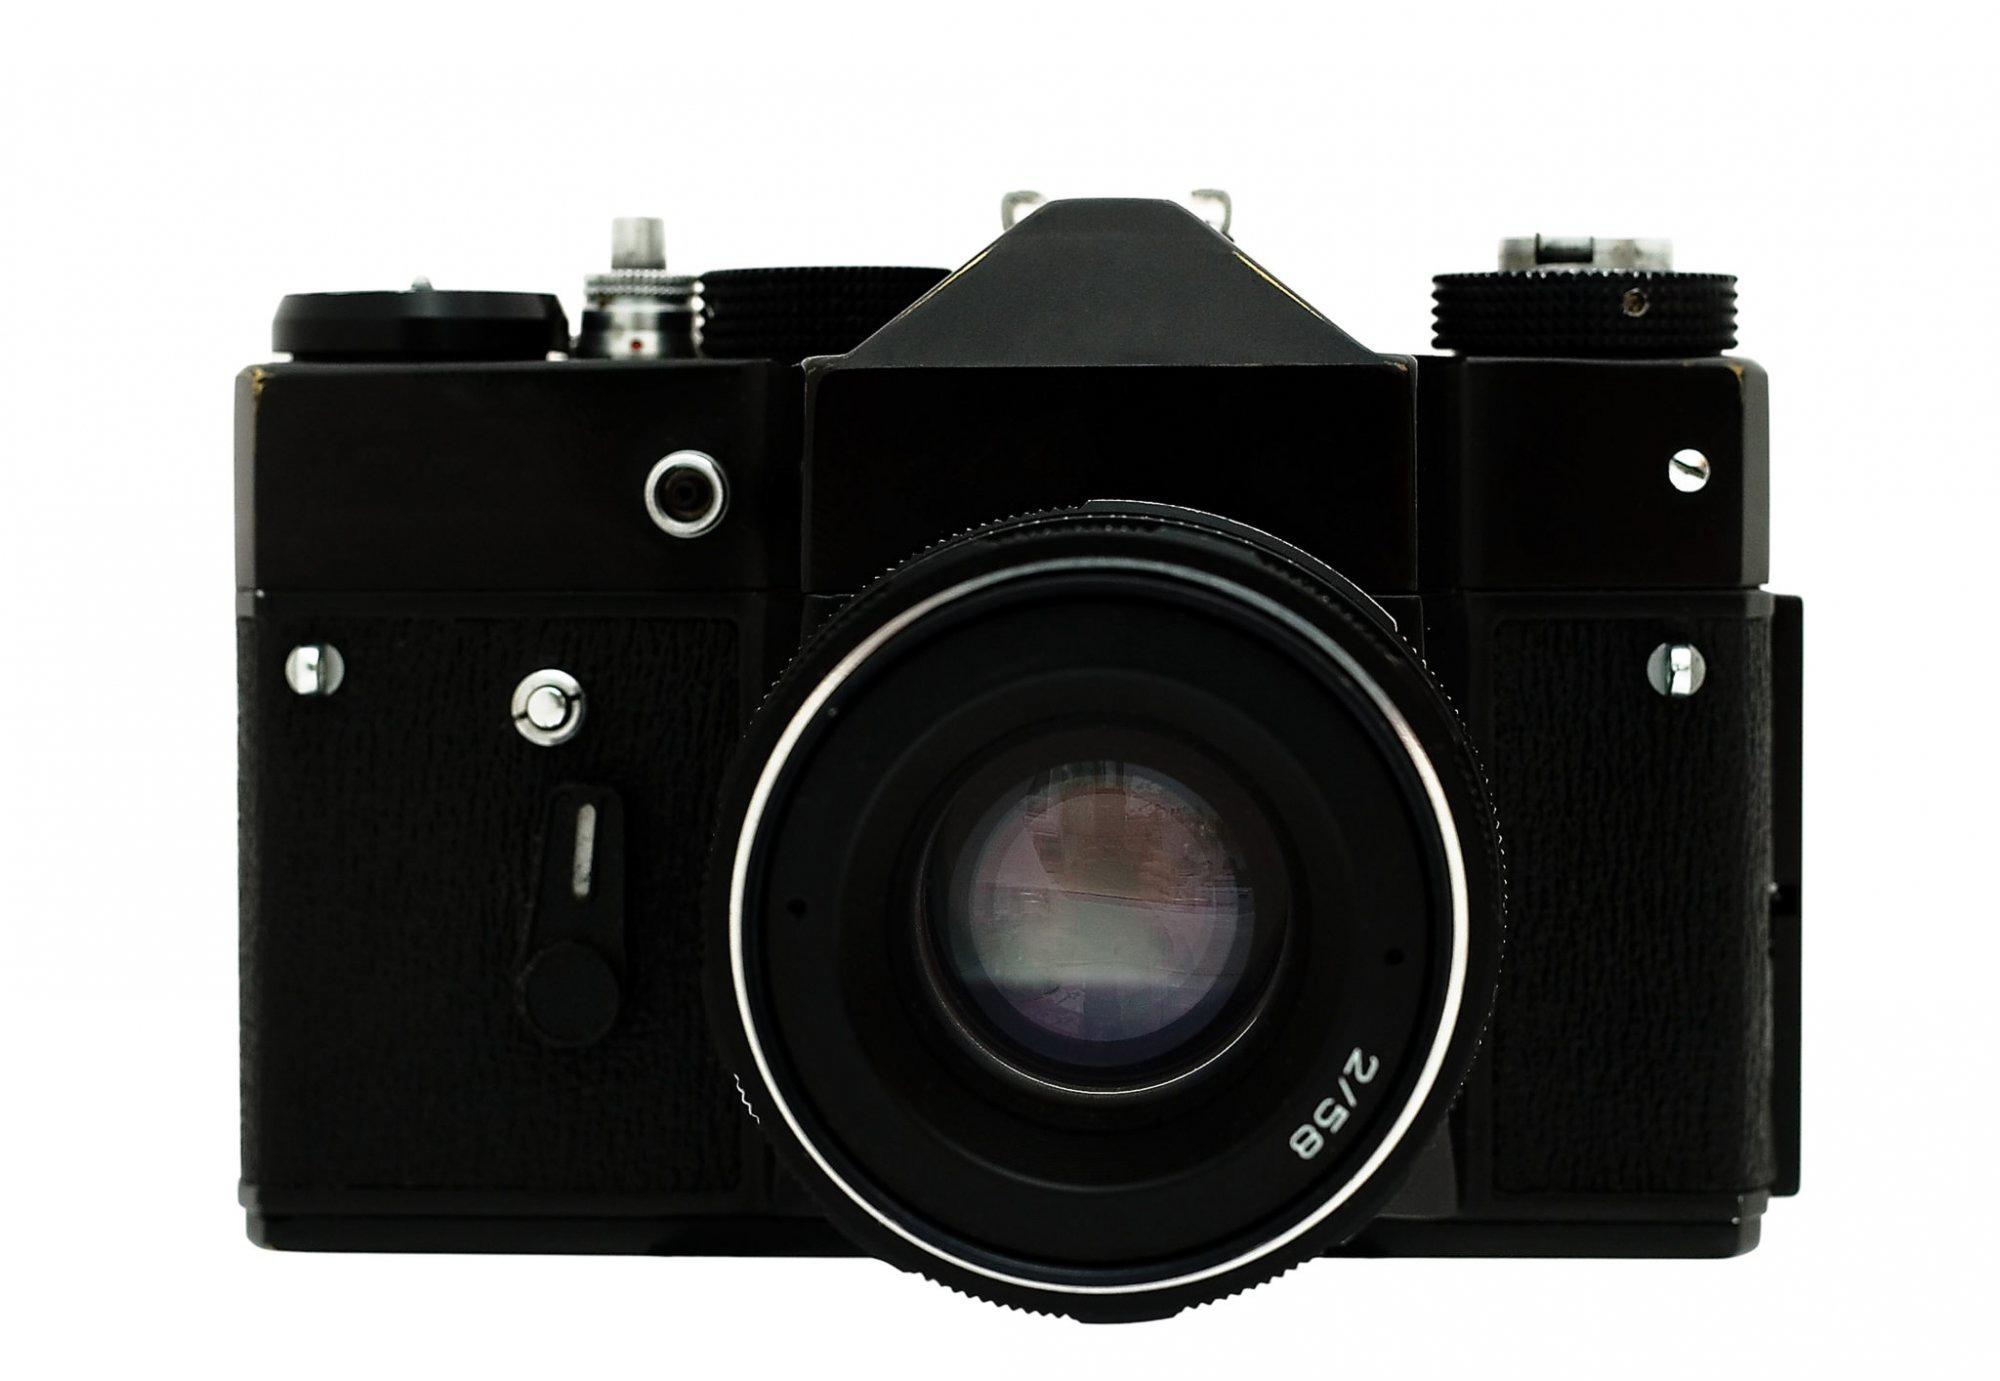 Tipy pro nákup fototechniky z druhé ruky